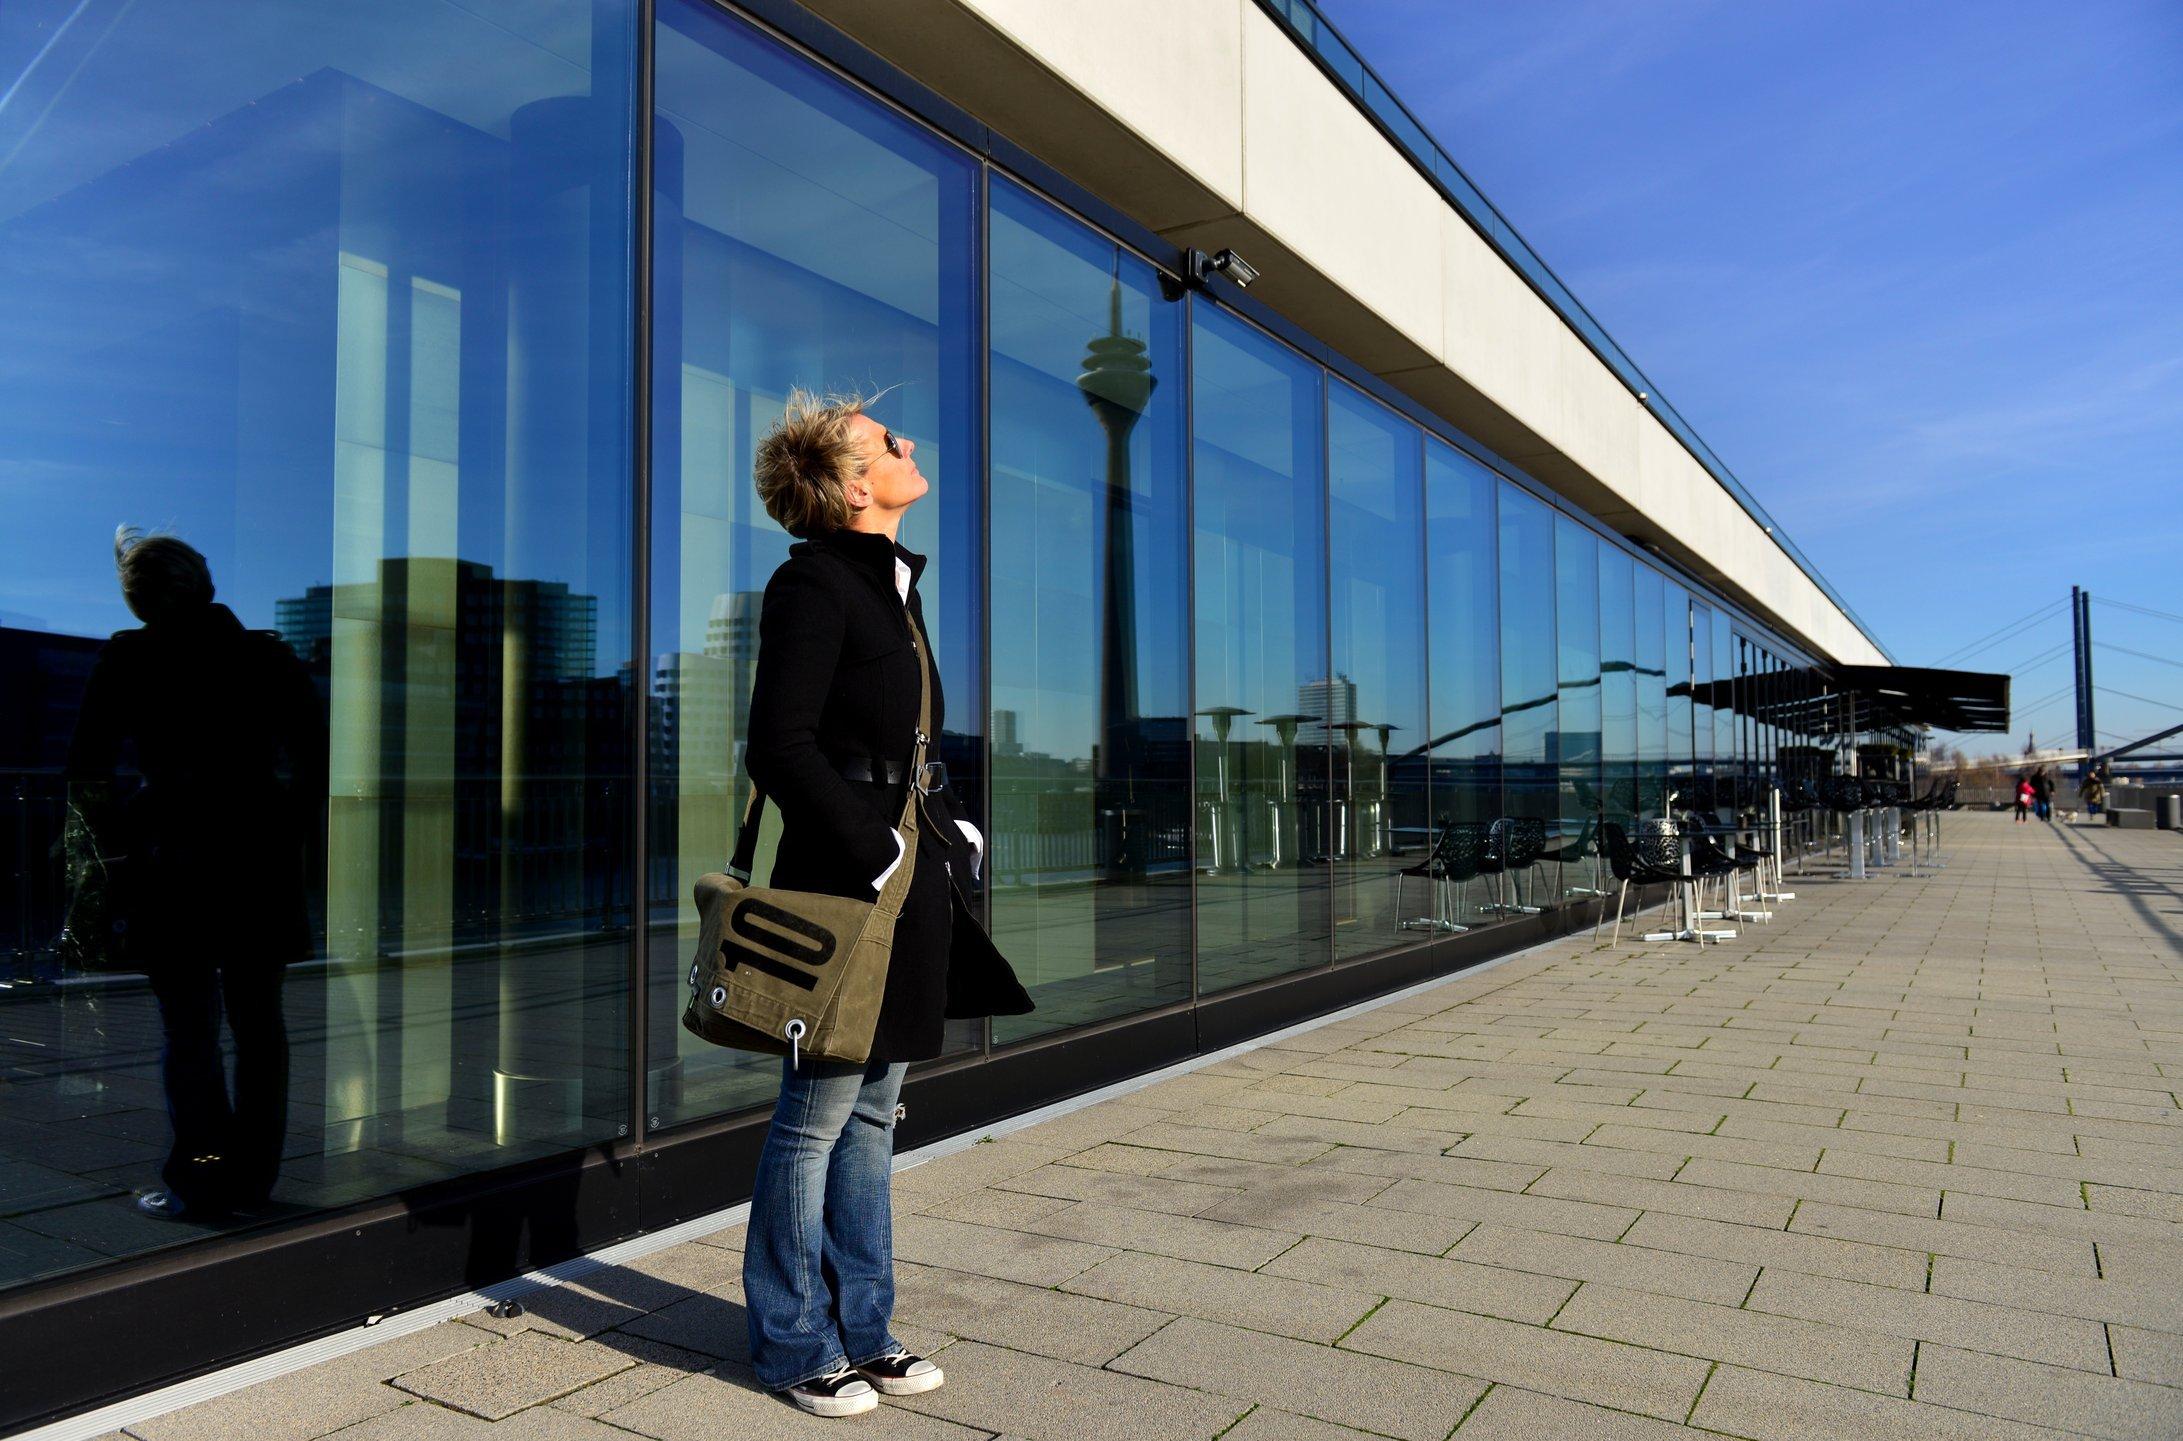 #düsseldorf - medienhafen hyatt